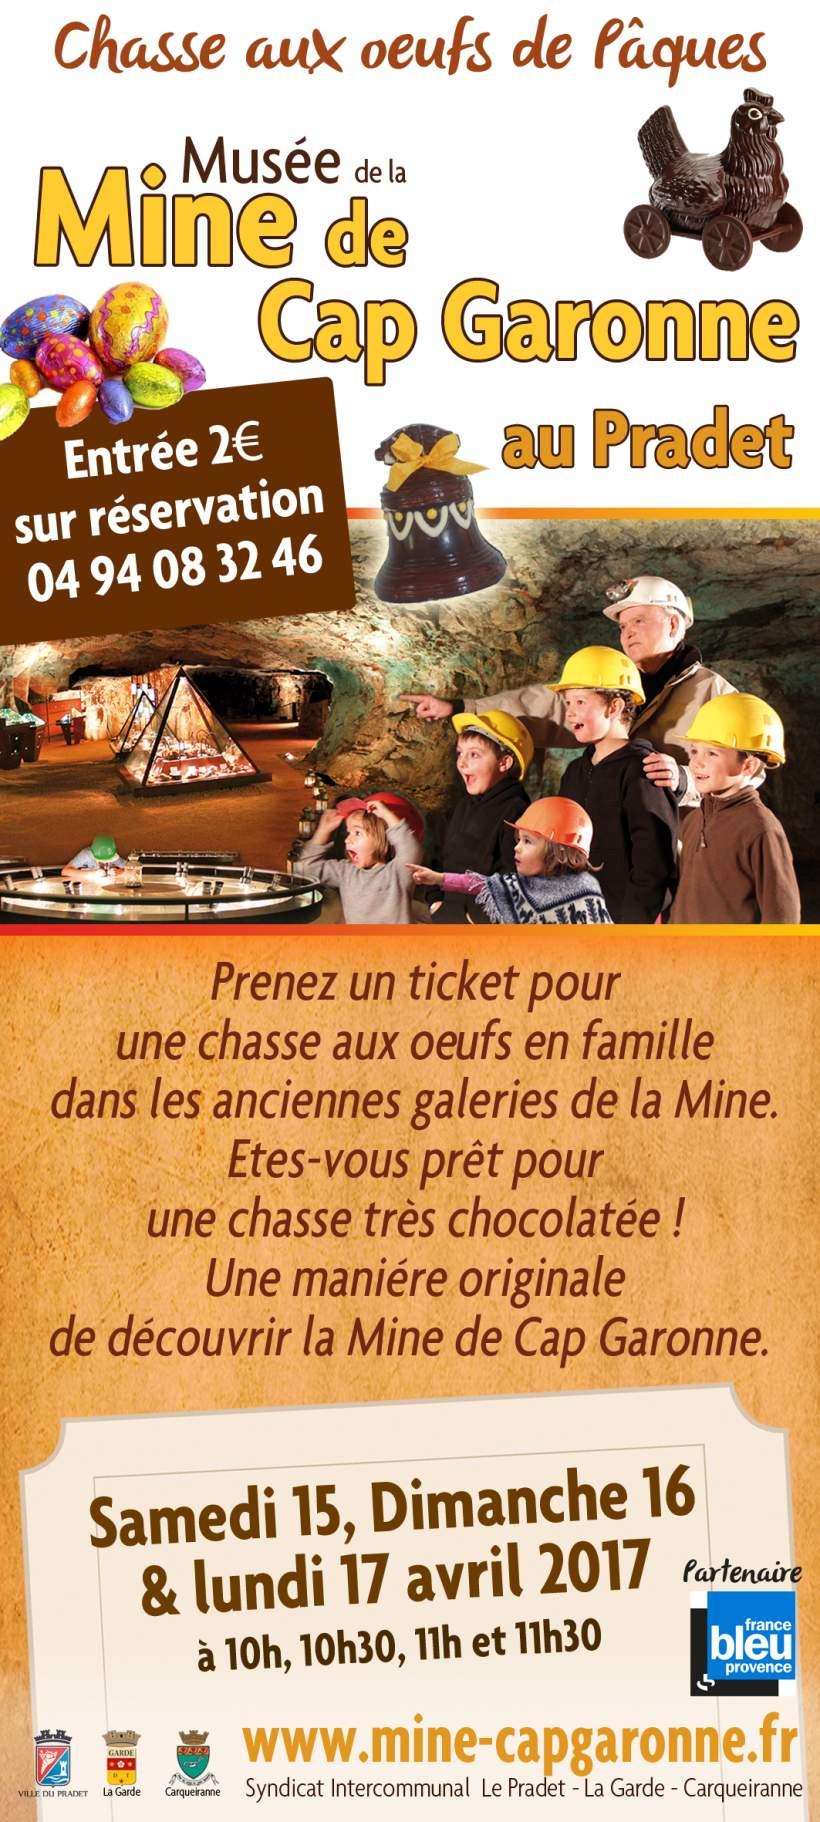 CHASSE AUX OEUFS PAQUES MINE de CAP GARONNE 15,16 et 17 AVRIL